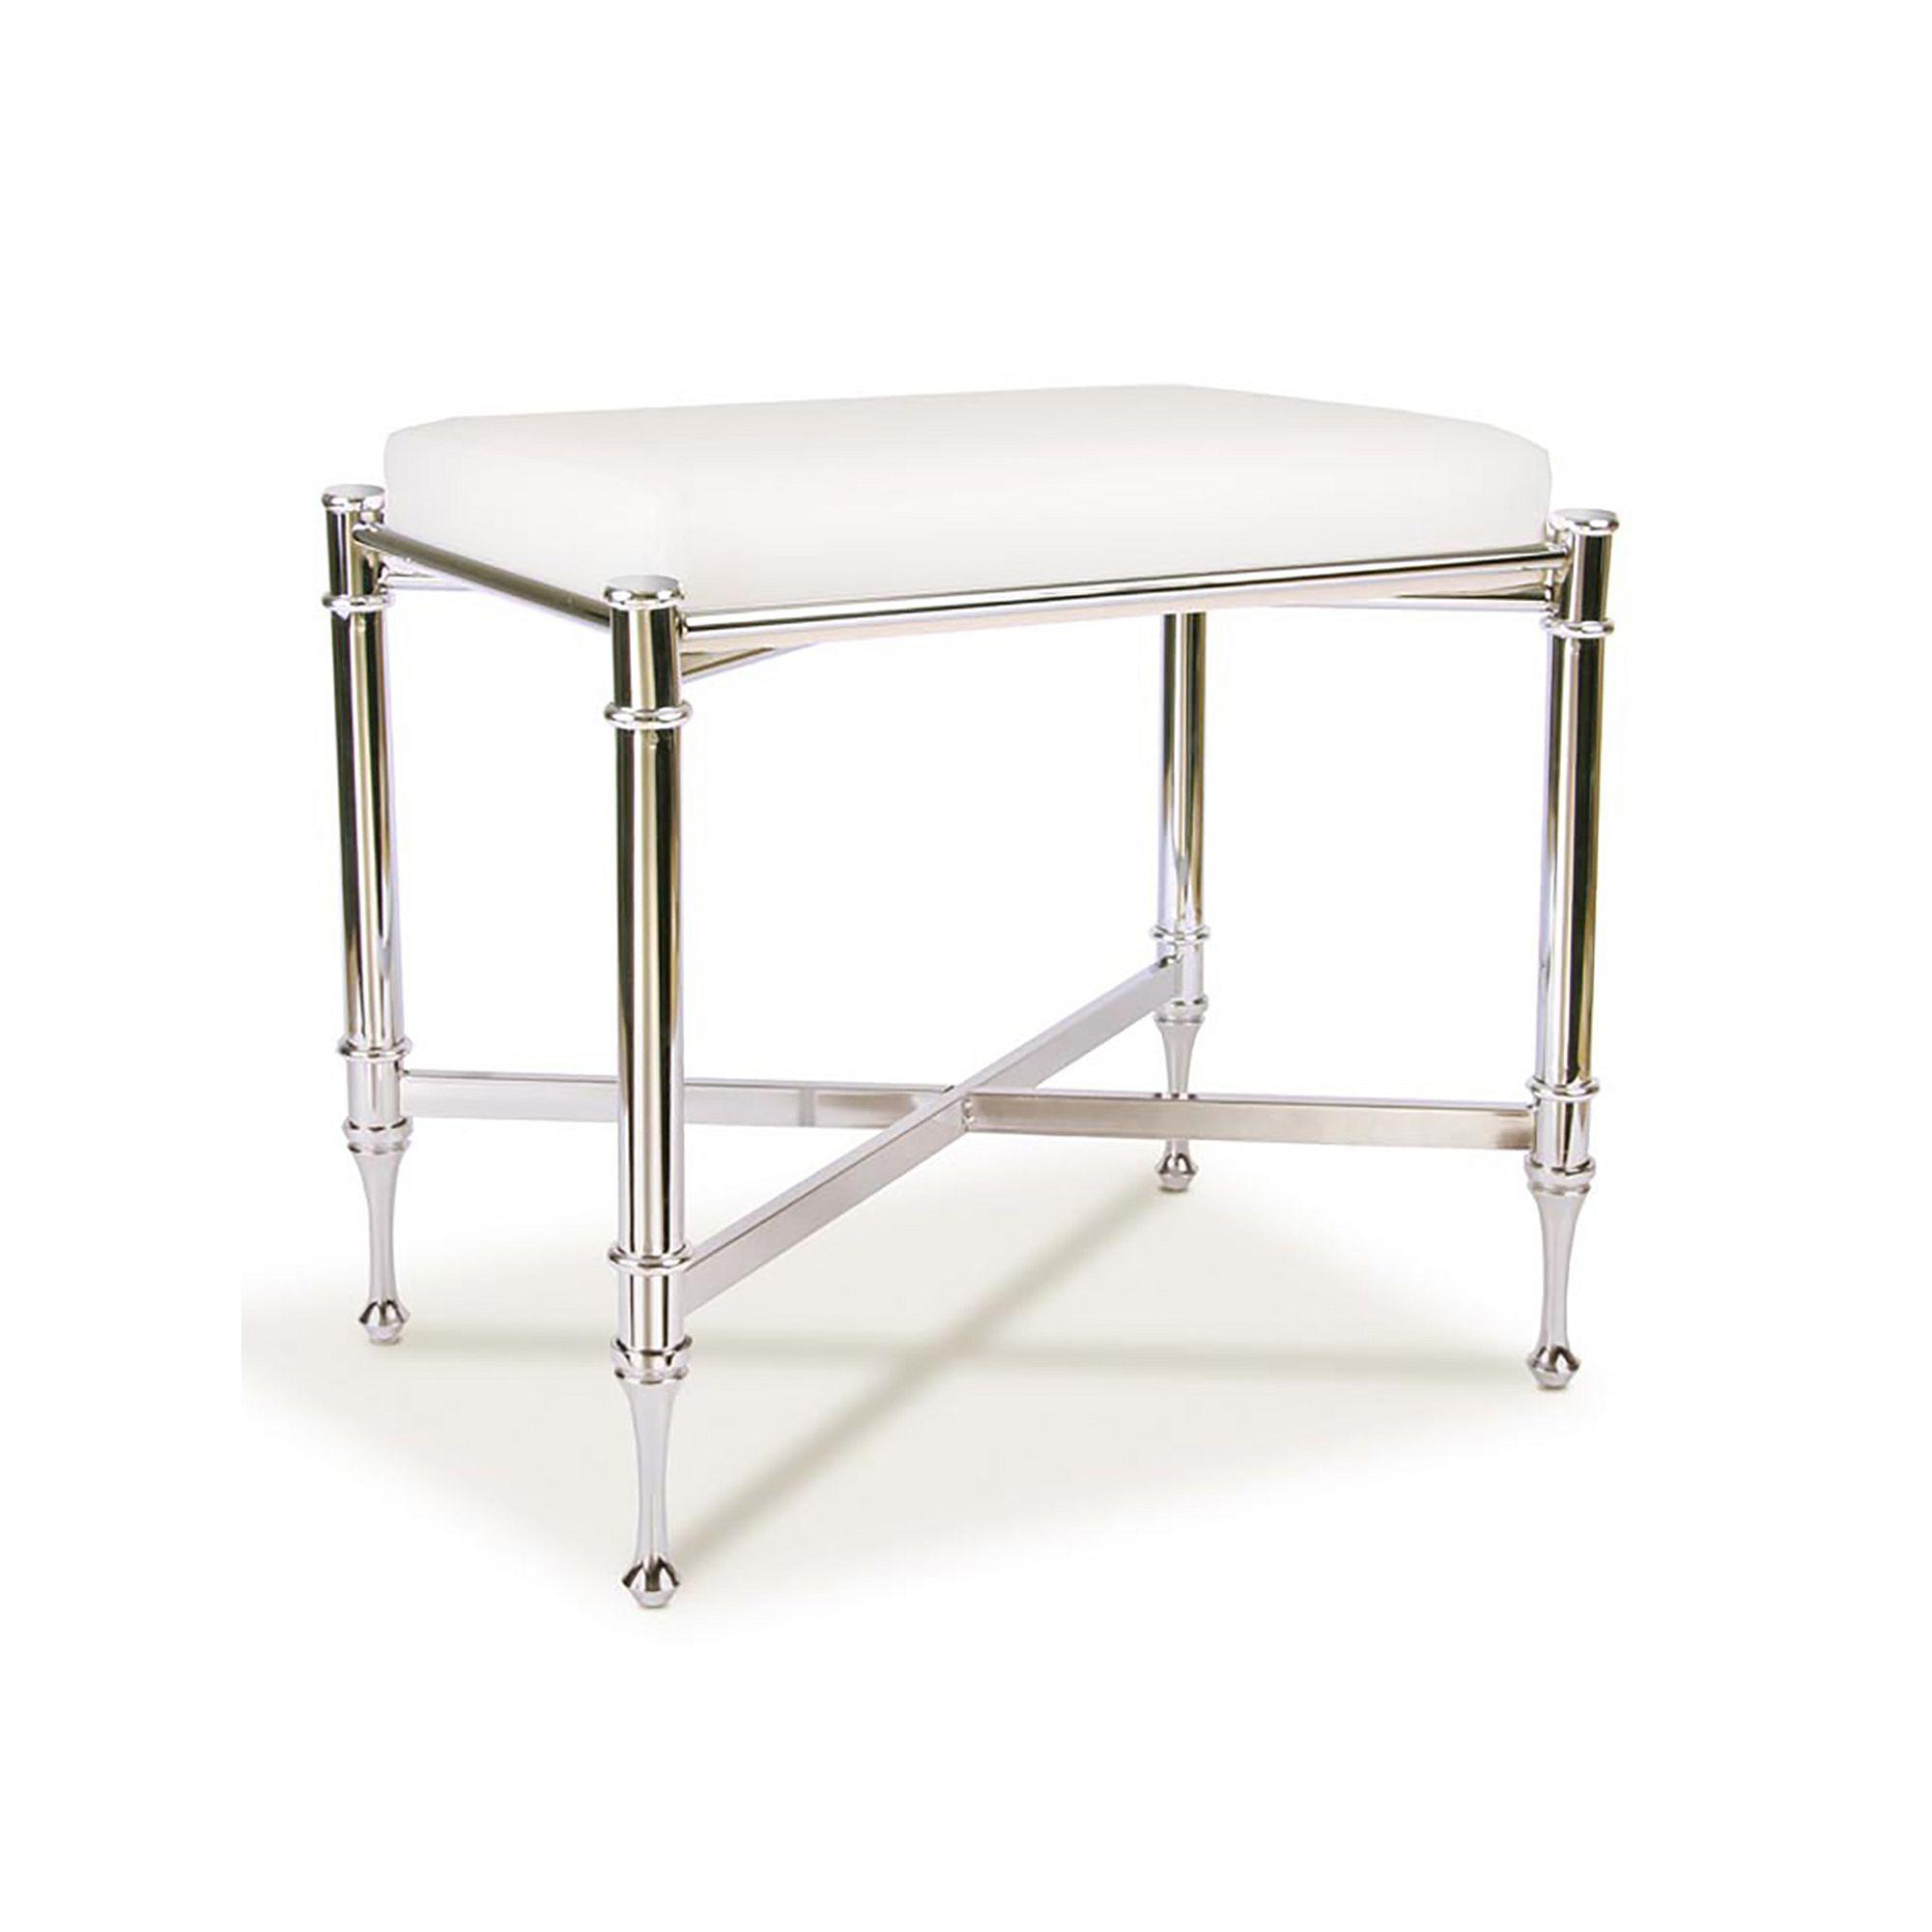 Taymor Estate Vanity Bench Grey Vanity Stool Vanity